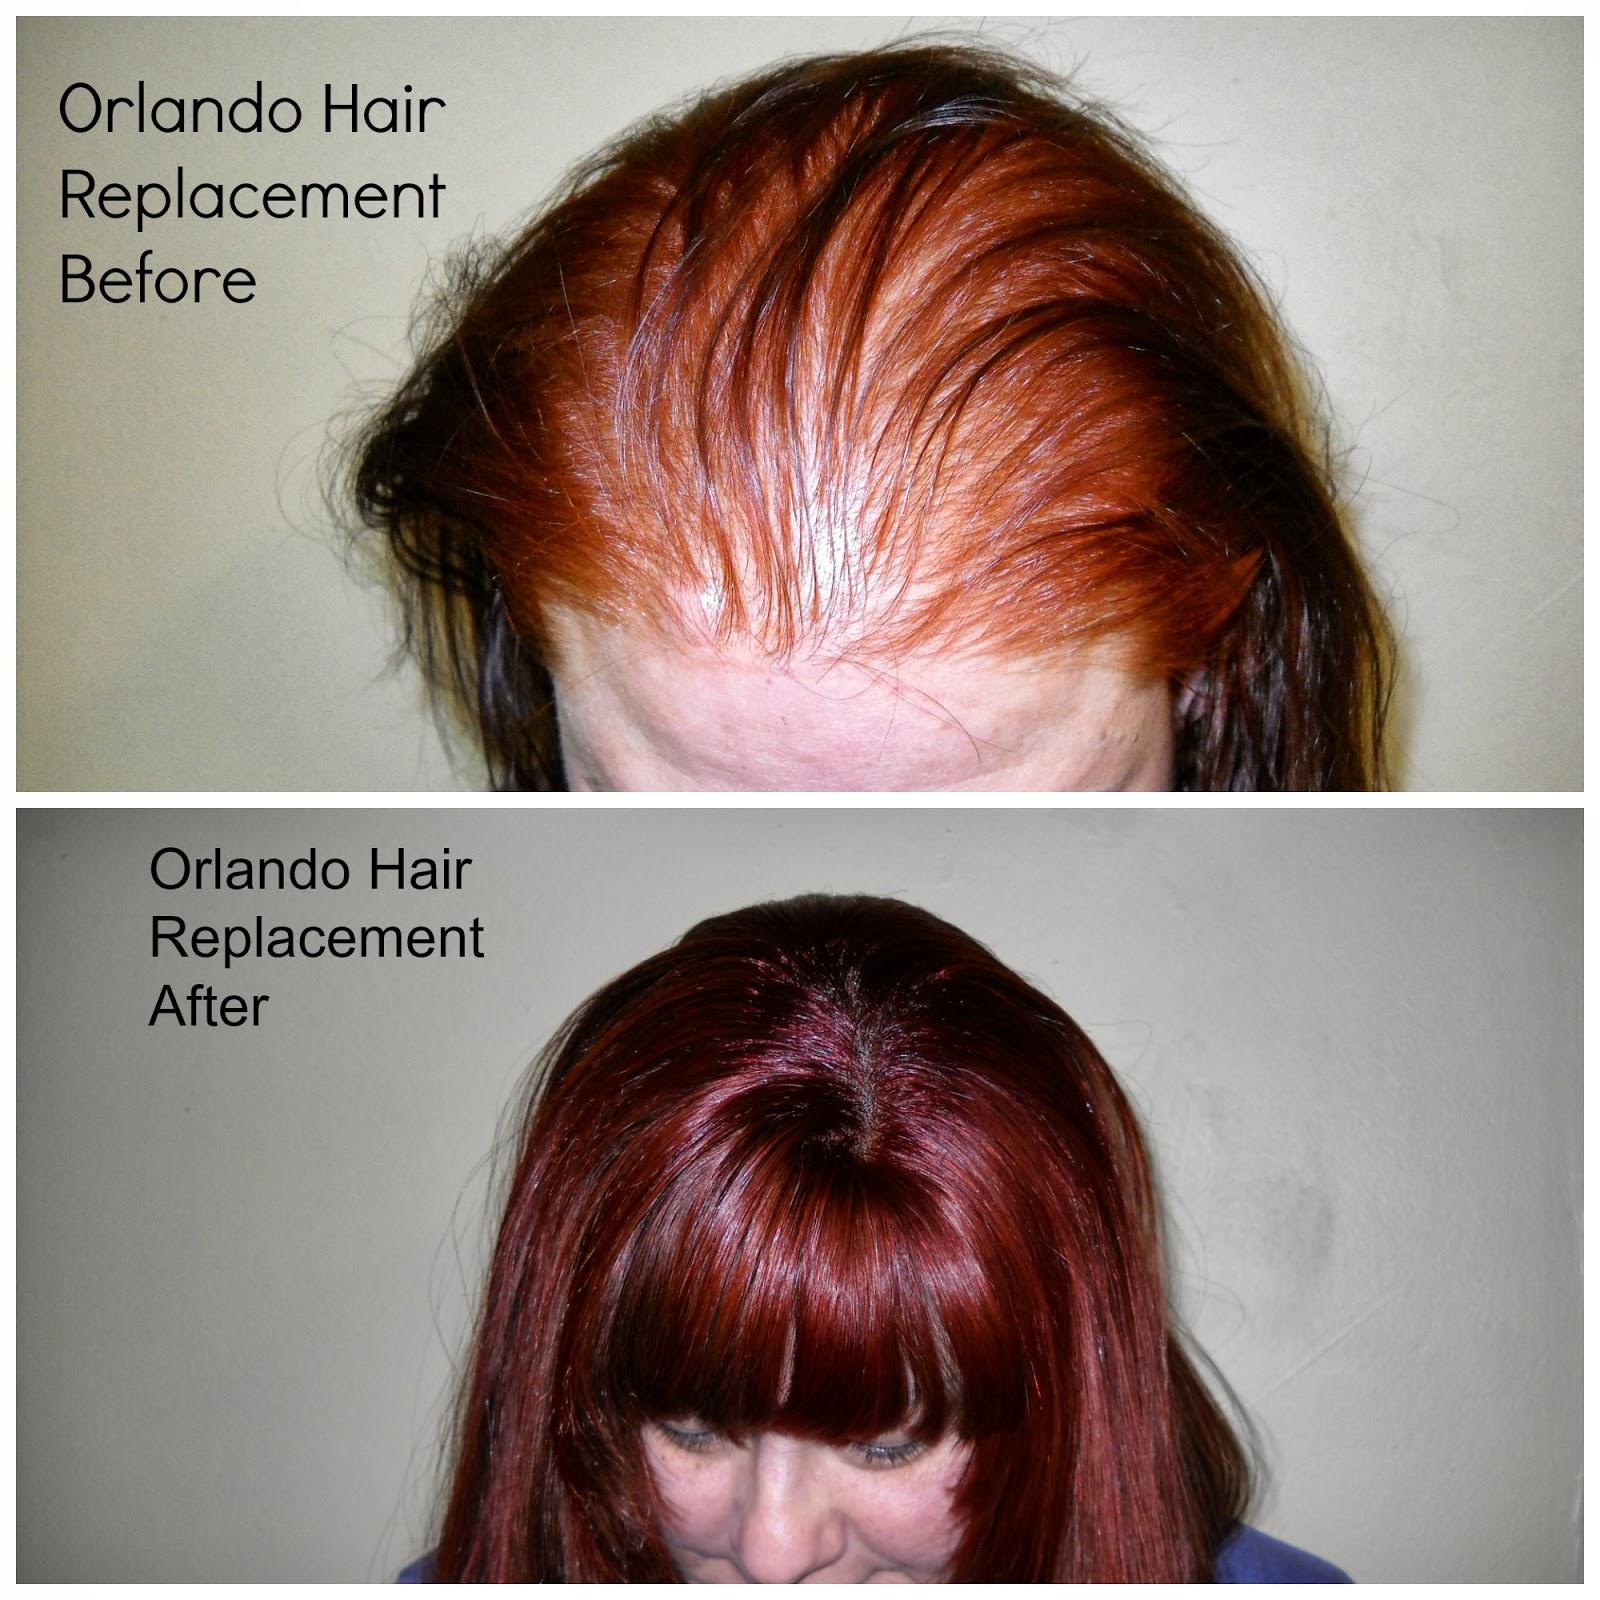 Orlando Hair Salon Secrets For Hair Growth